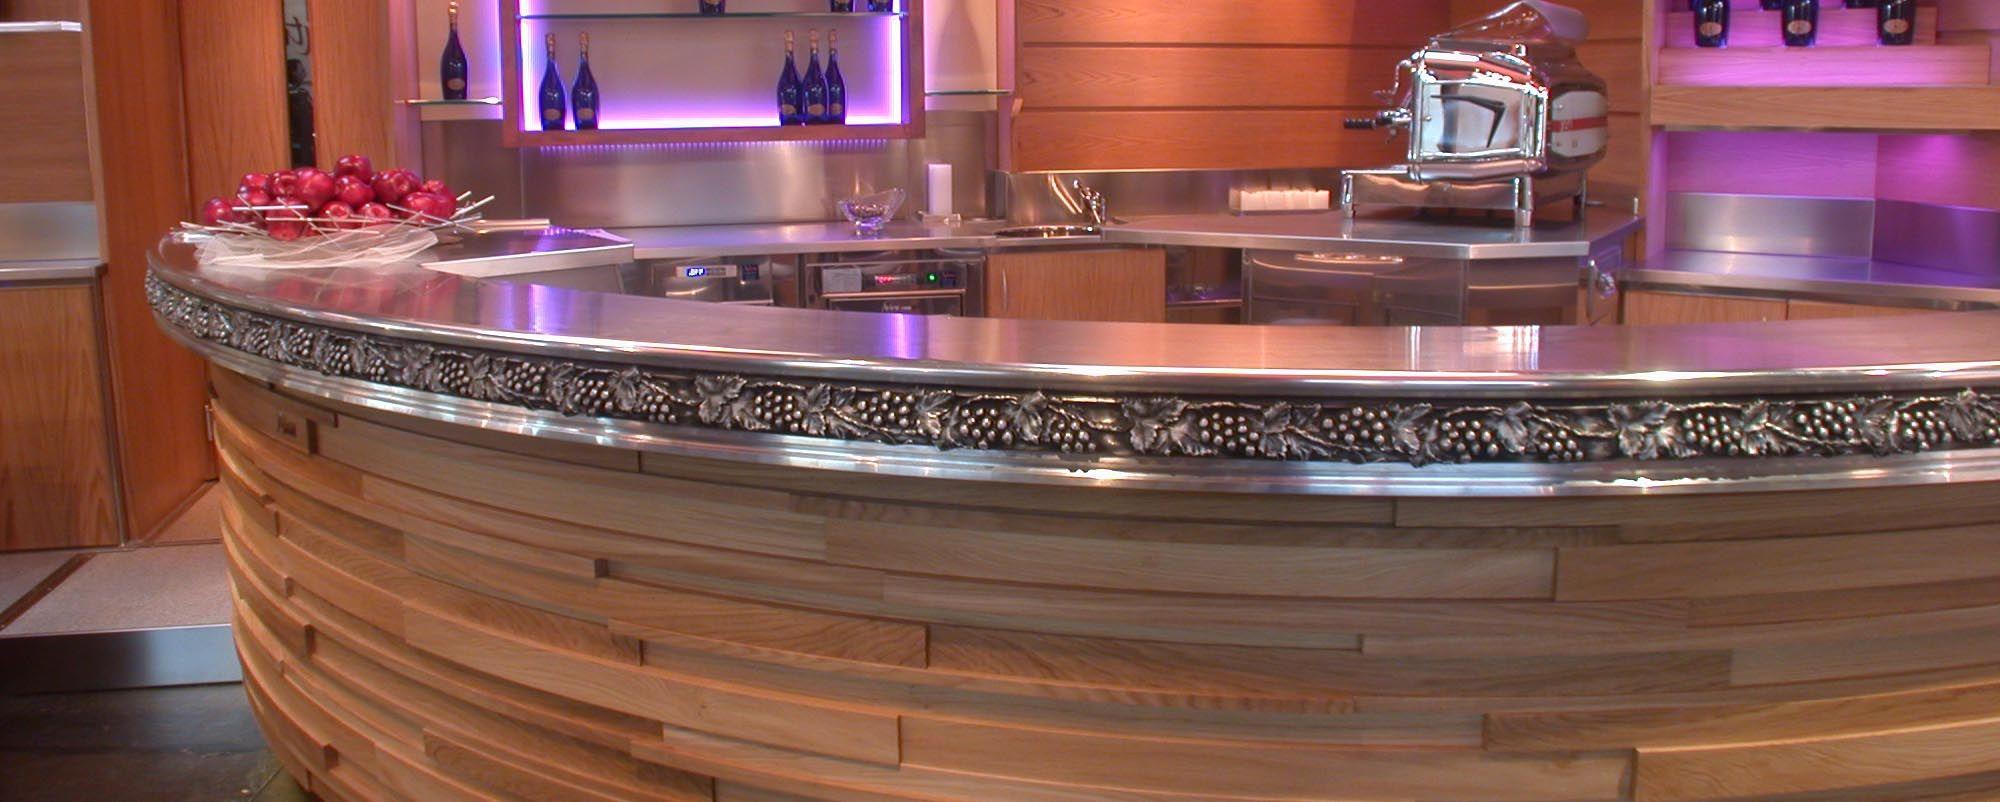 Plan de travail cuisine en zinc great credence en zinc - Plaque de zinc pour cuisine ...